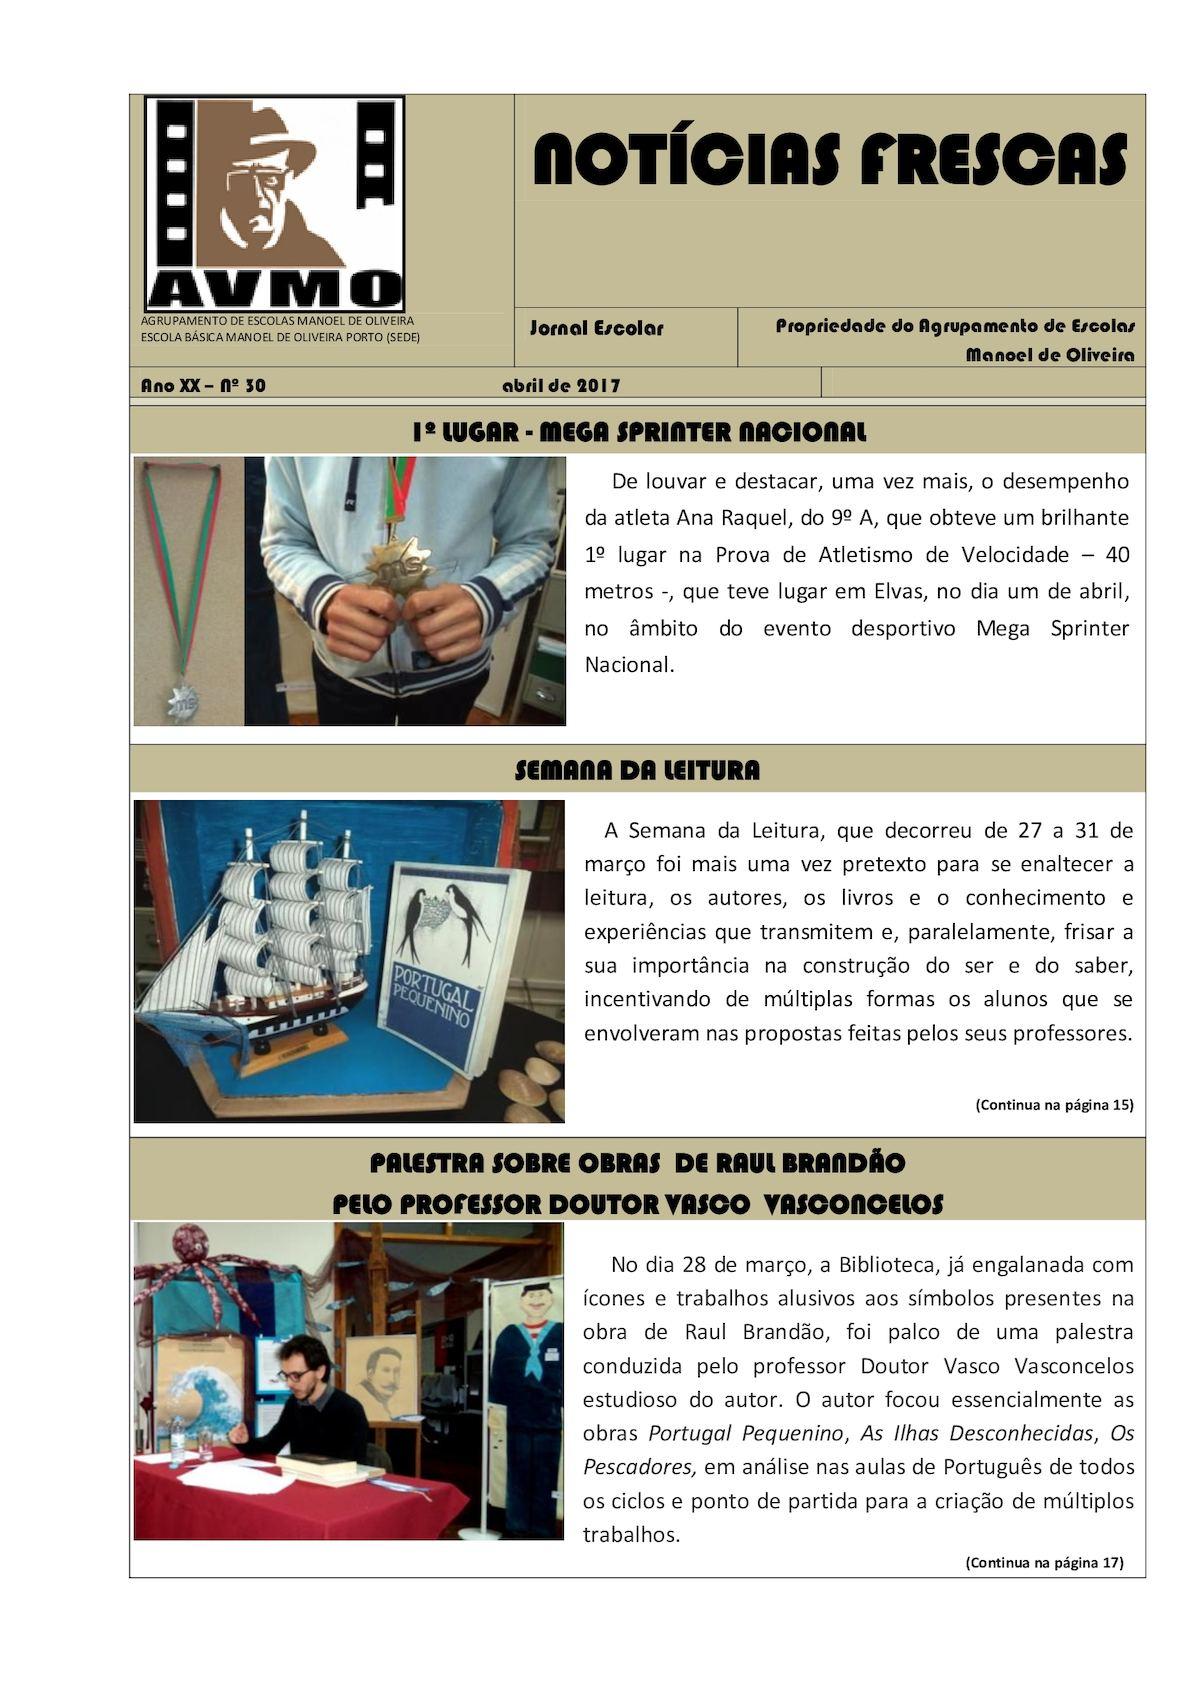 Calaméo - Jornal Versão 16 17 Em 07 04 17 Versão Final 38d080e96d0cb